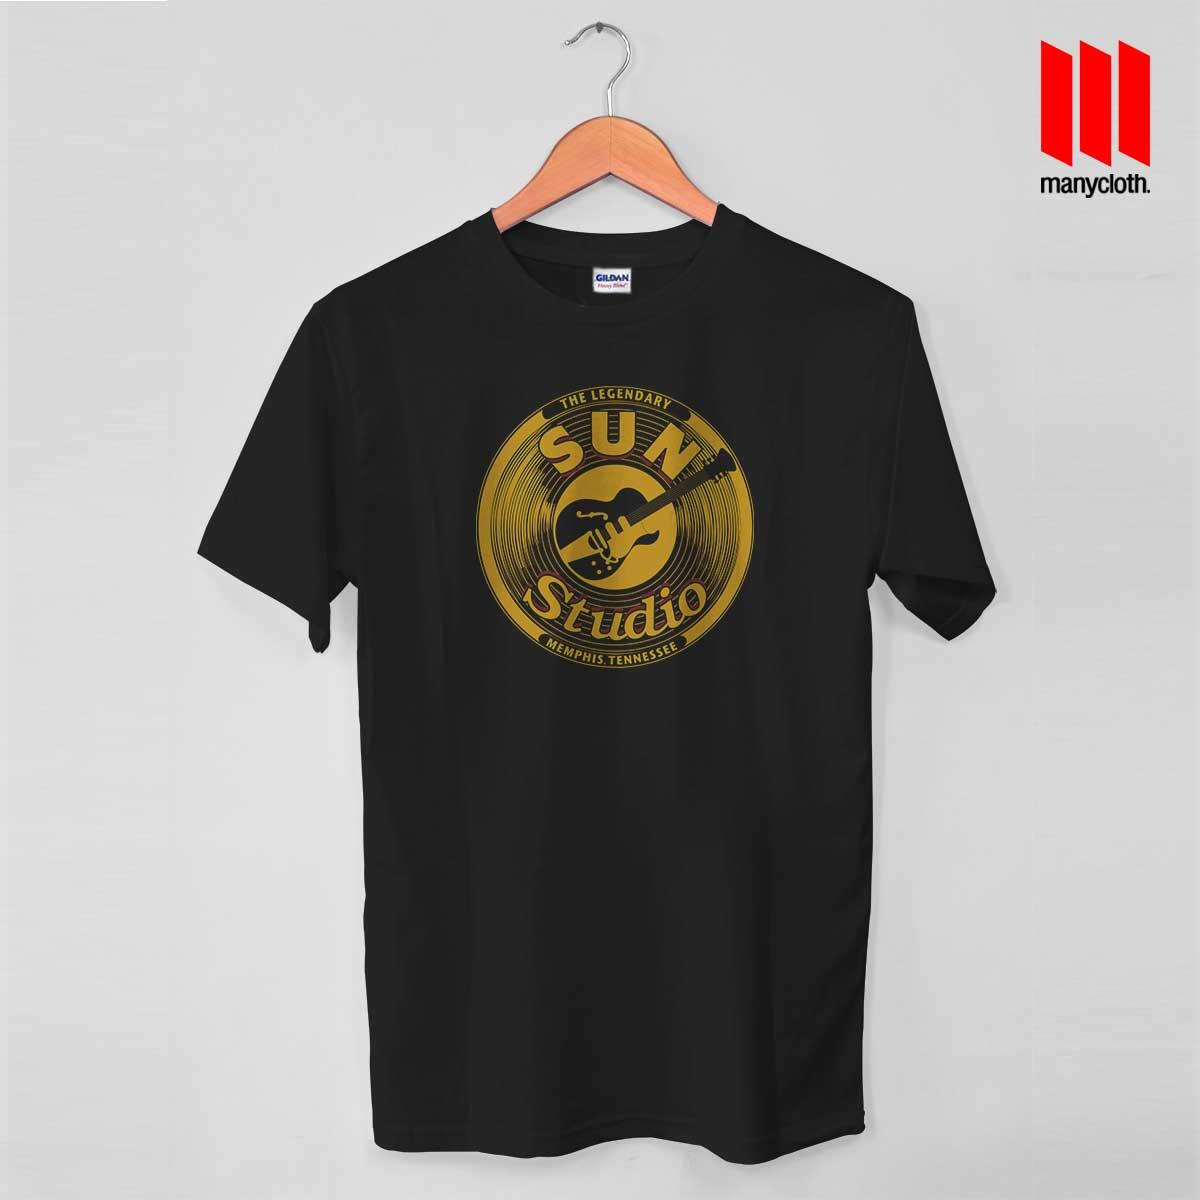 6ff0164c3ece The legendary sun studio shirt is the best and cheap designs jpg 1200x1200 Legendary  designs